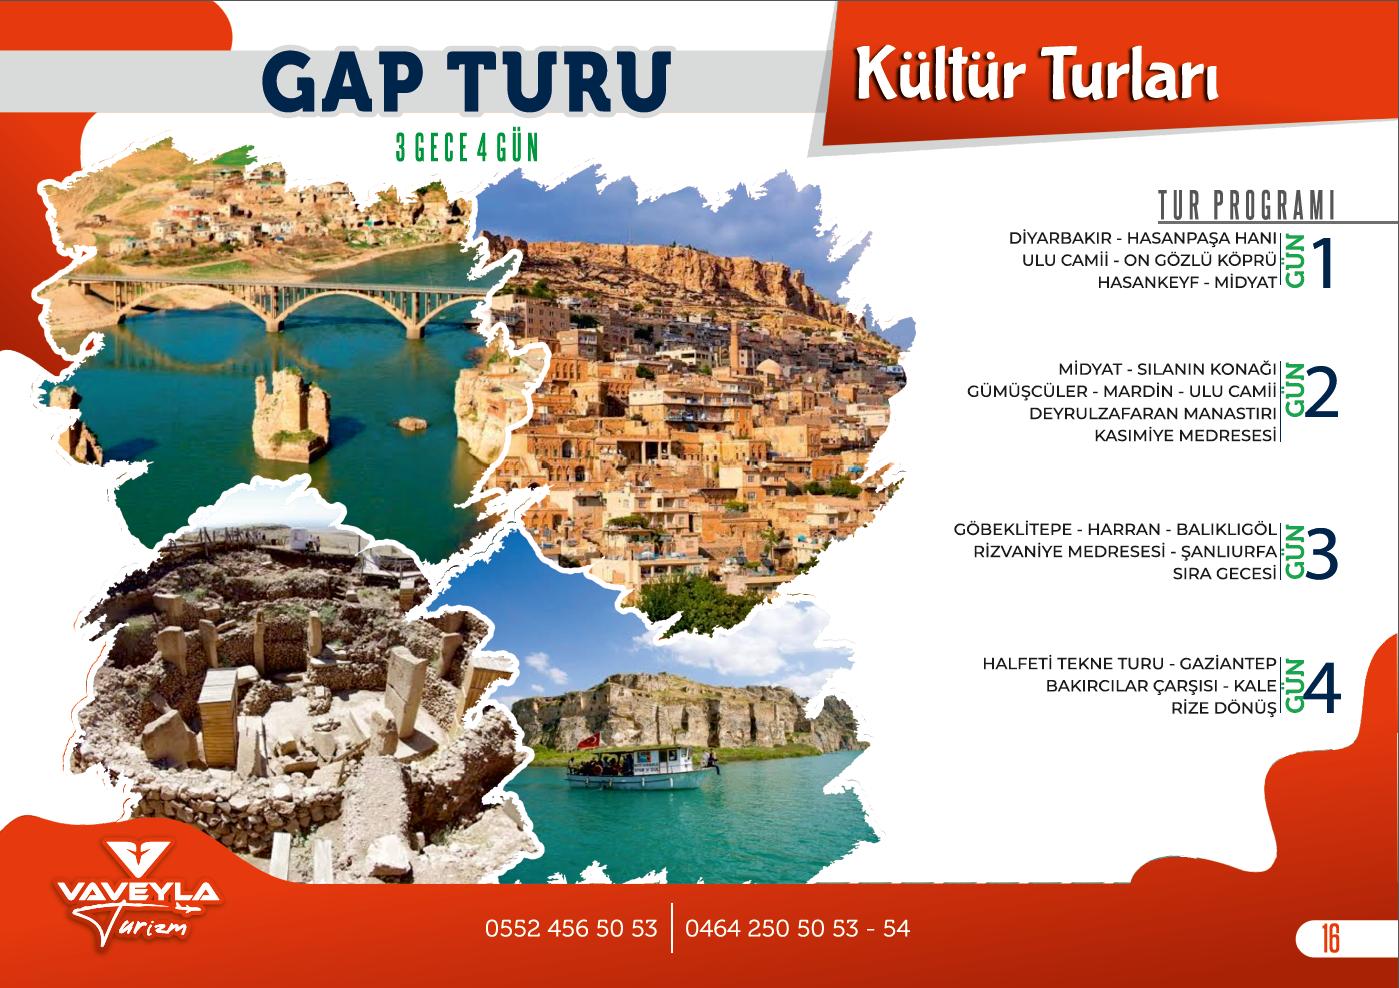 Gap Turu